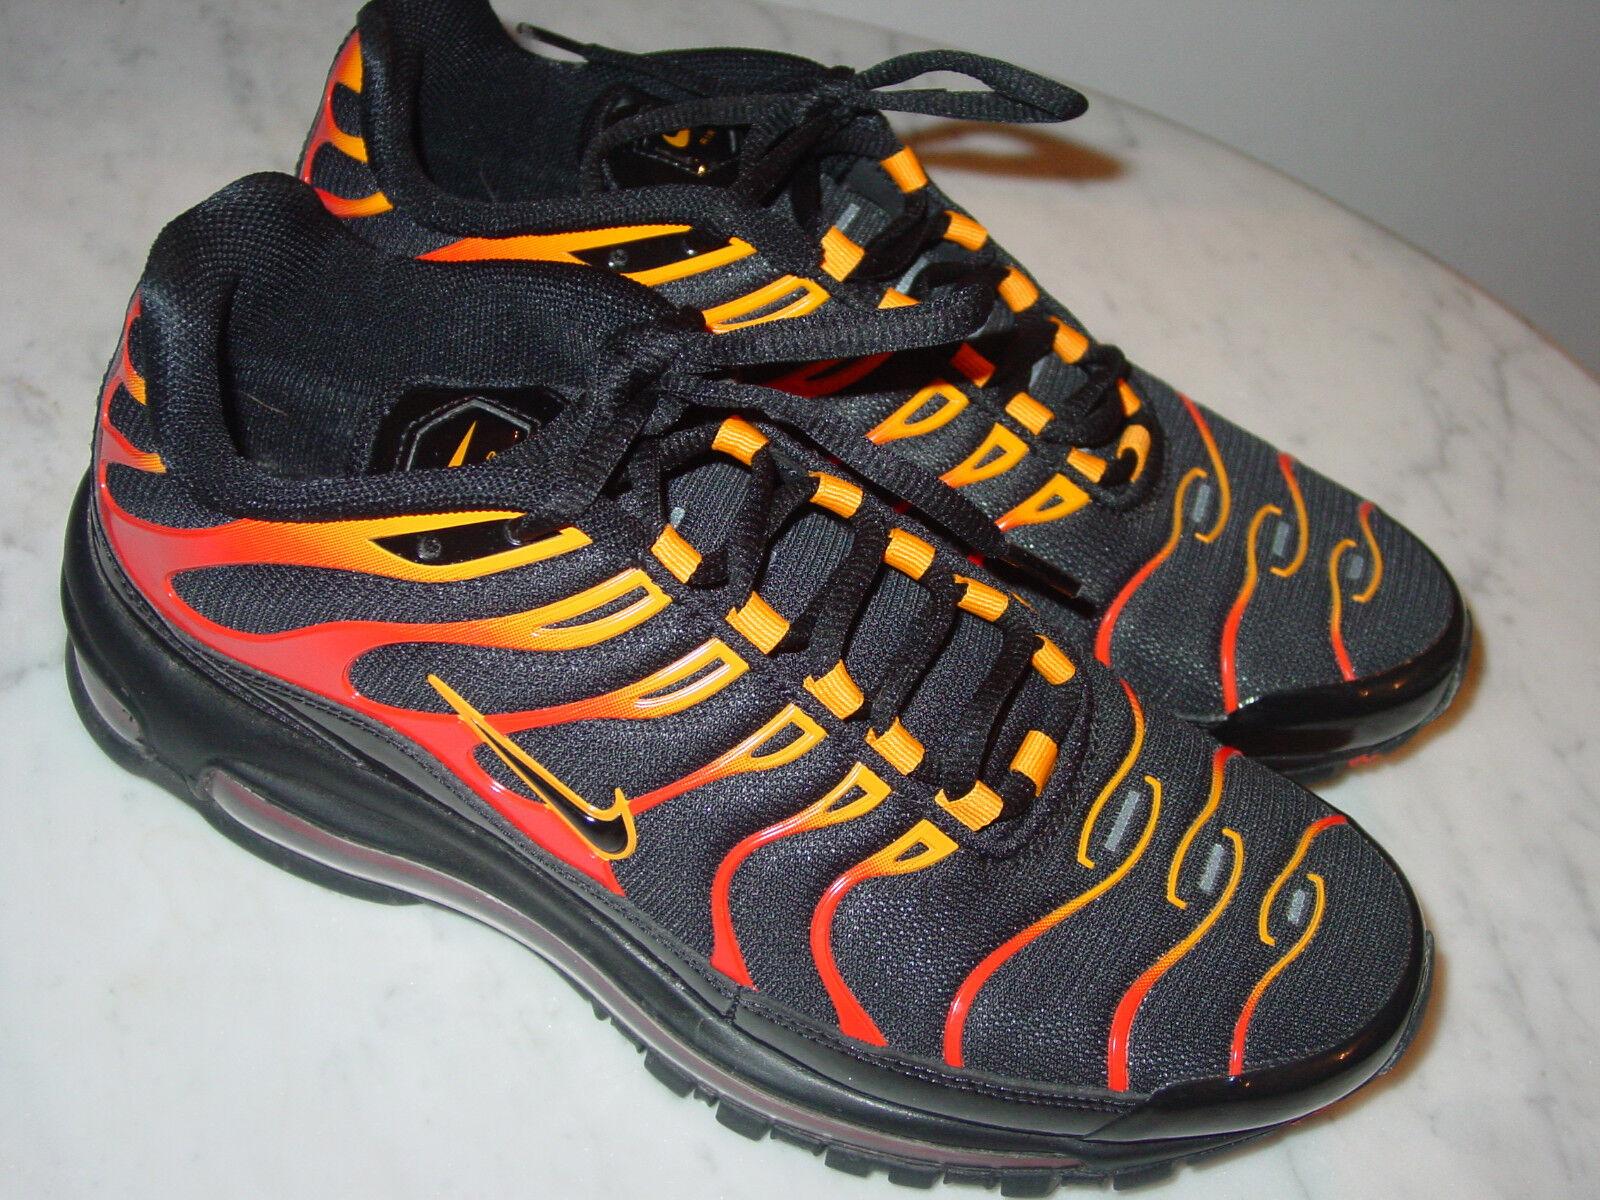 2017 Nike Air Max 97 Plus Engine 1/Shock Orange/Black Running Shoes Size 8